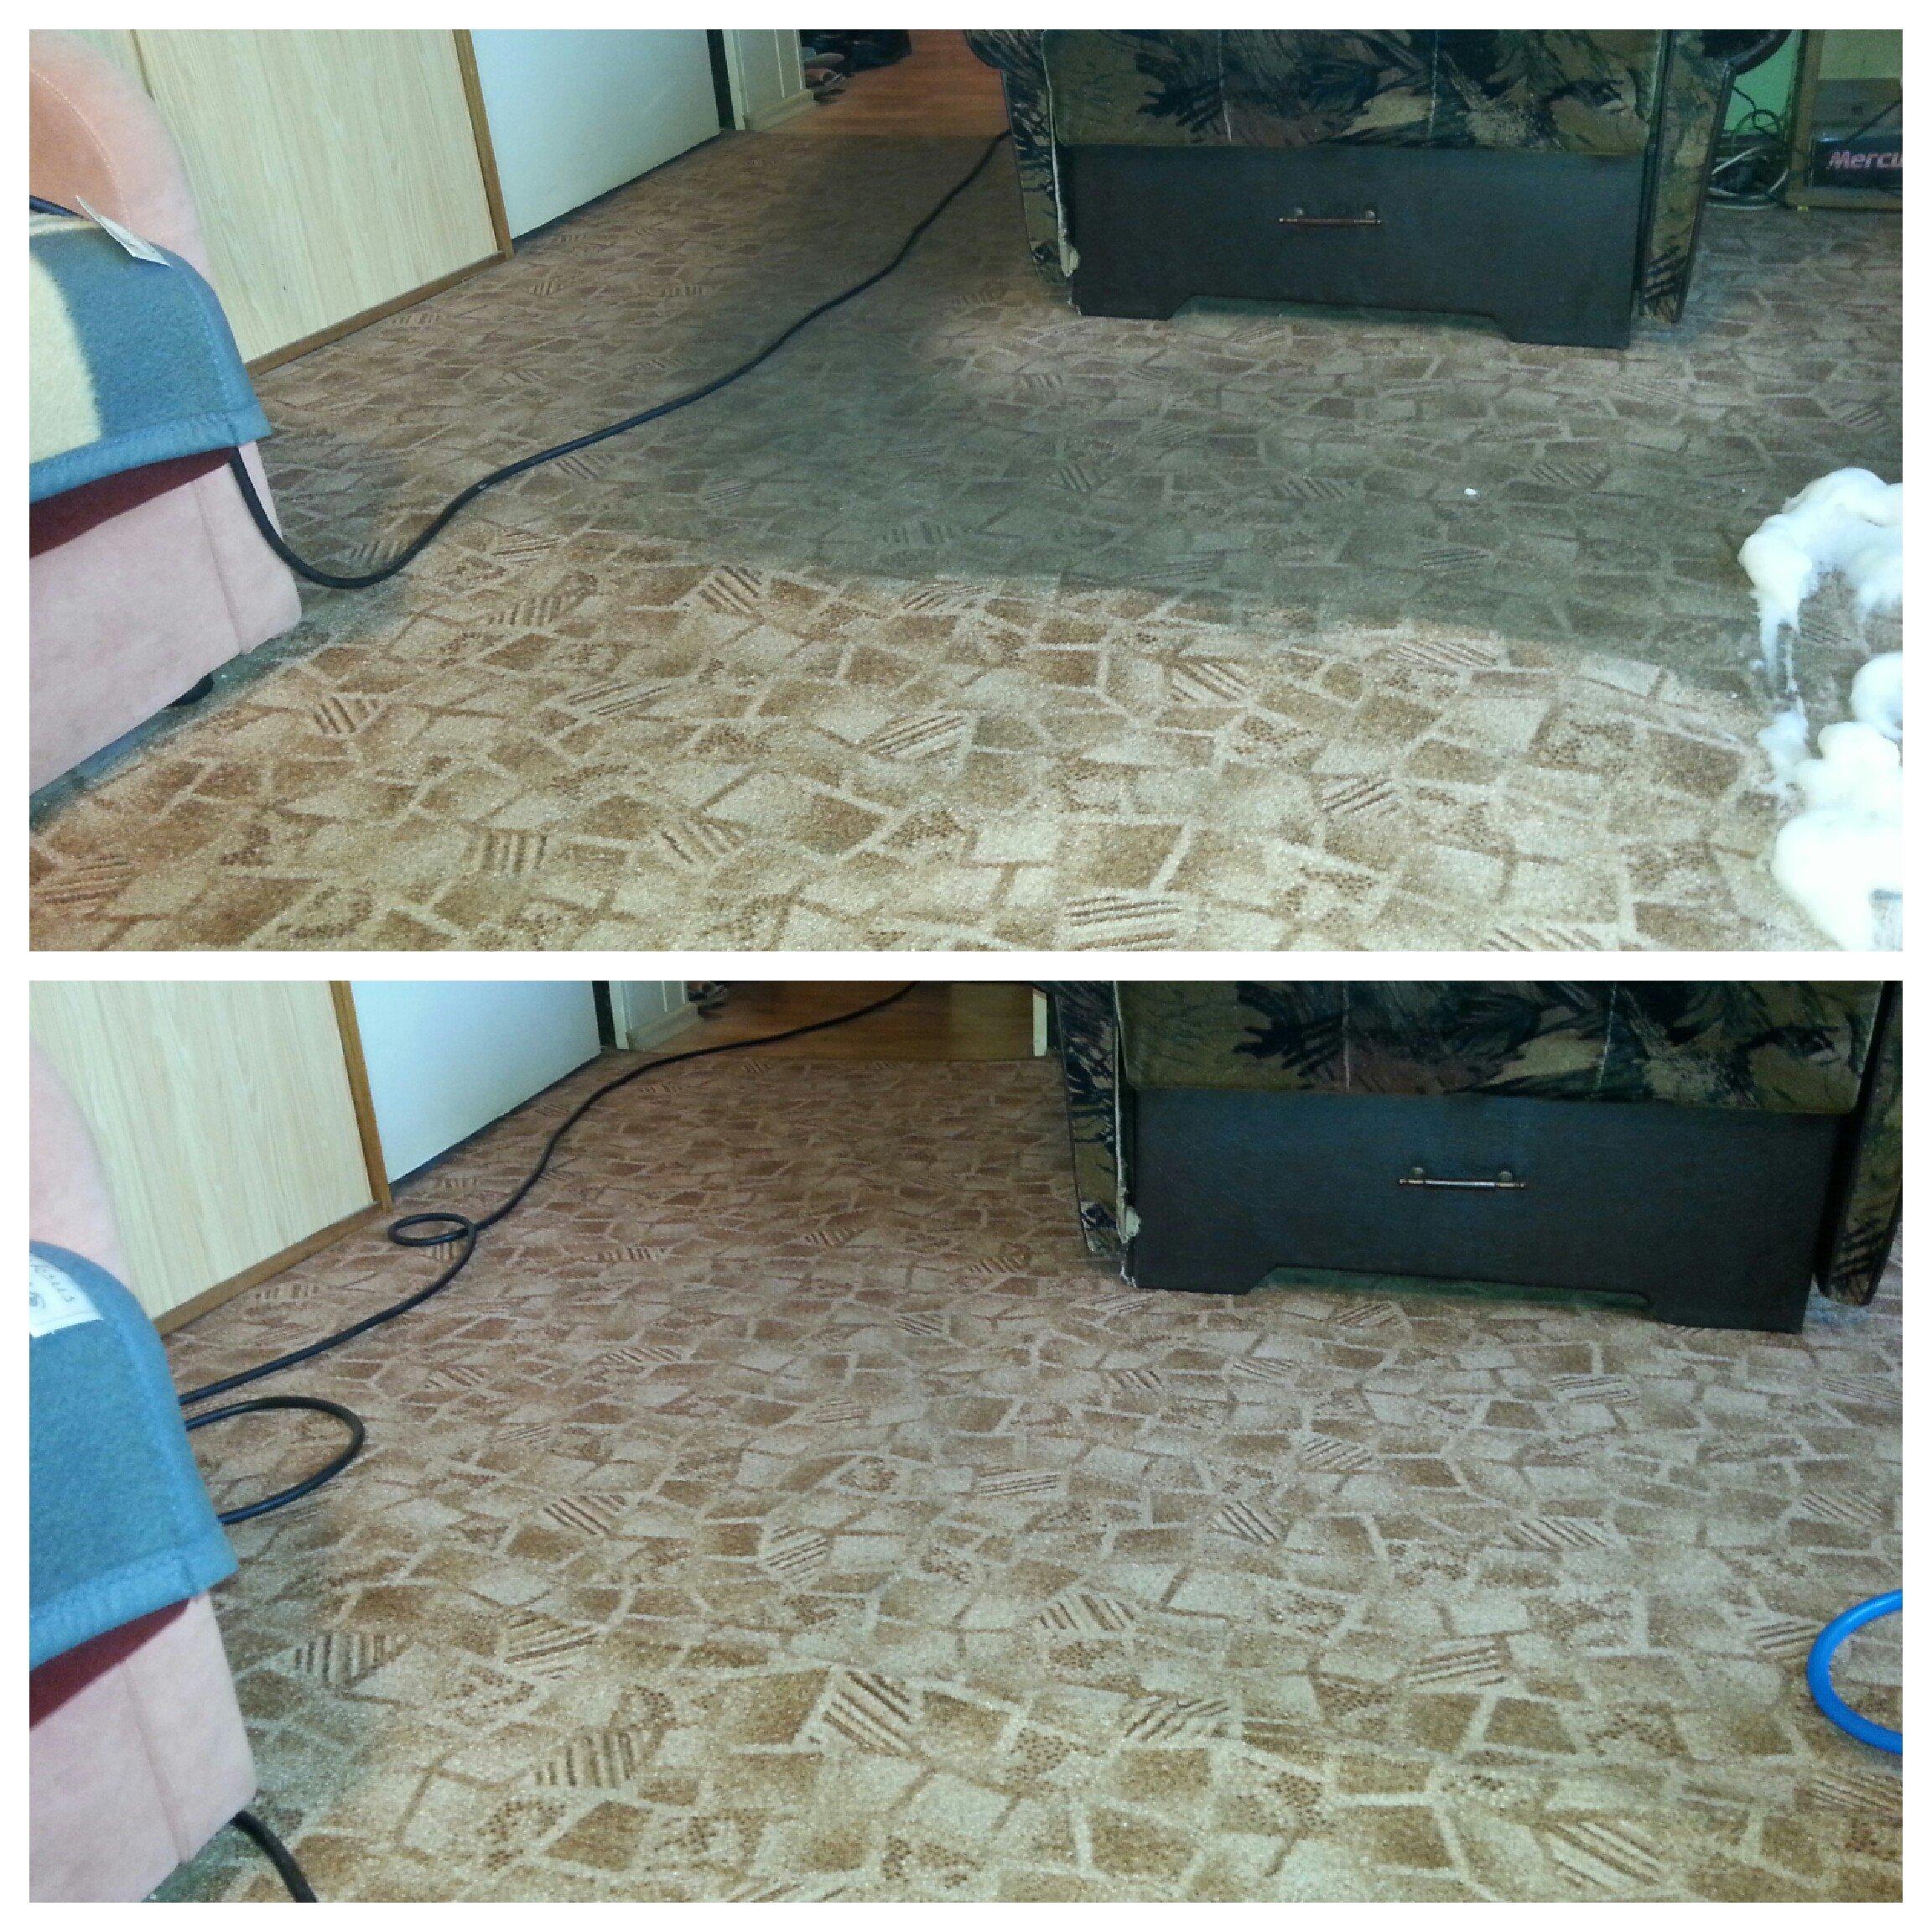 Czyszczenie mebli tapicerowanych, wykładzin, dywanów metodą szybkoschnącą